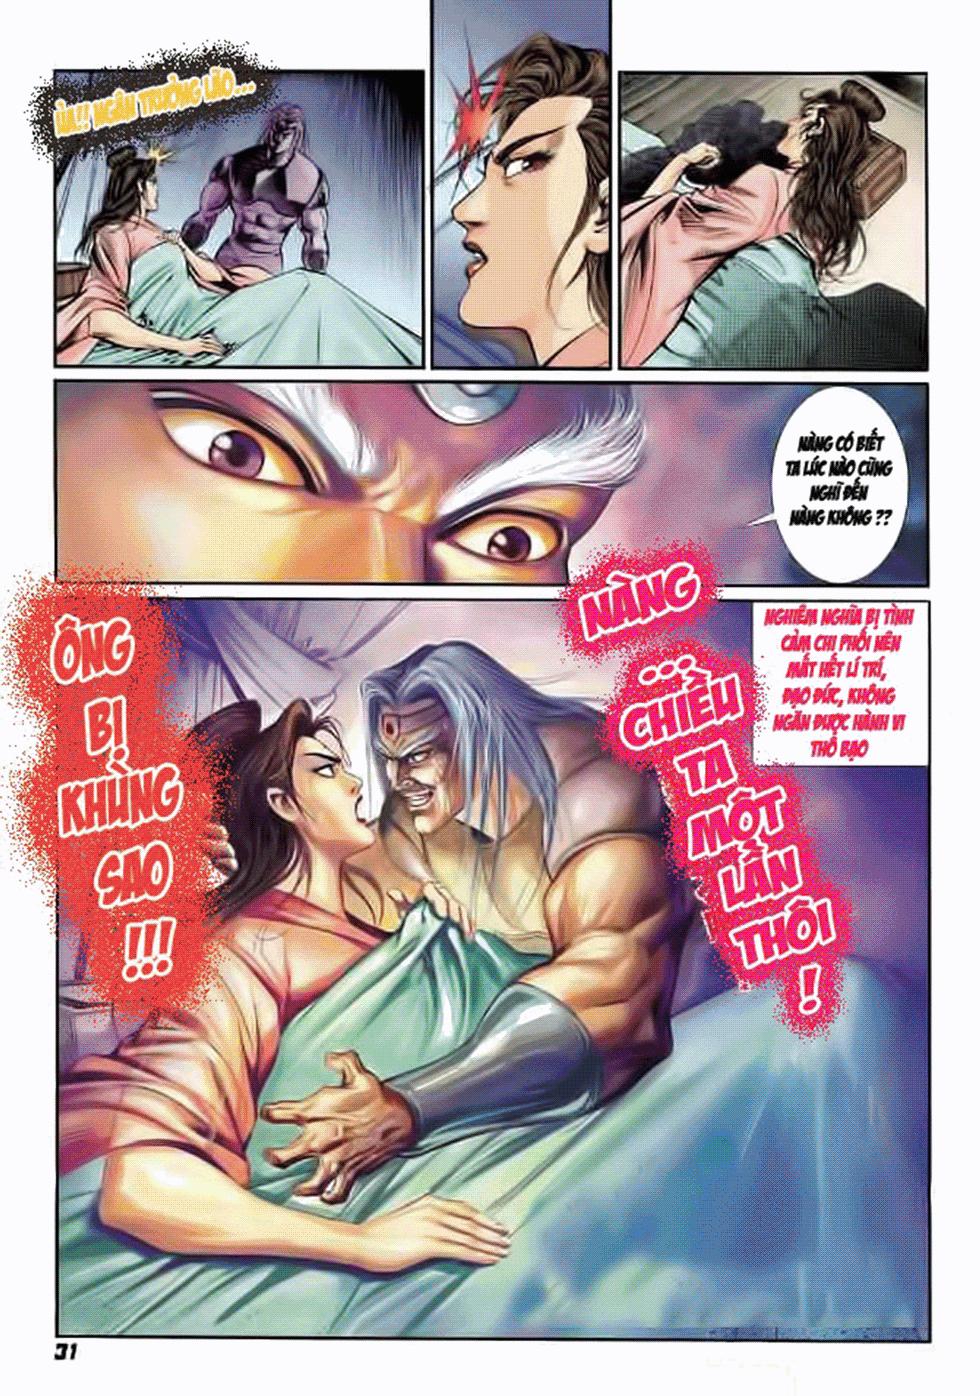 Tần Vương Doanh Chính chapter 7 trang 32